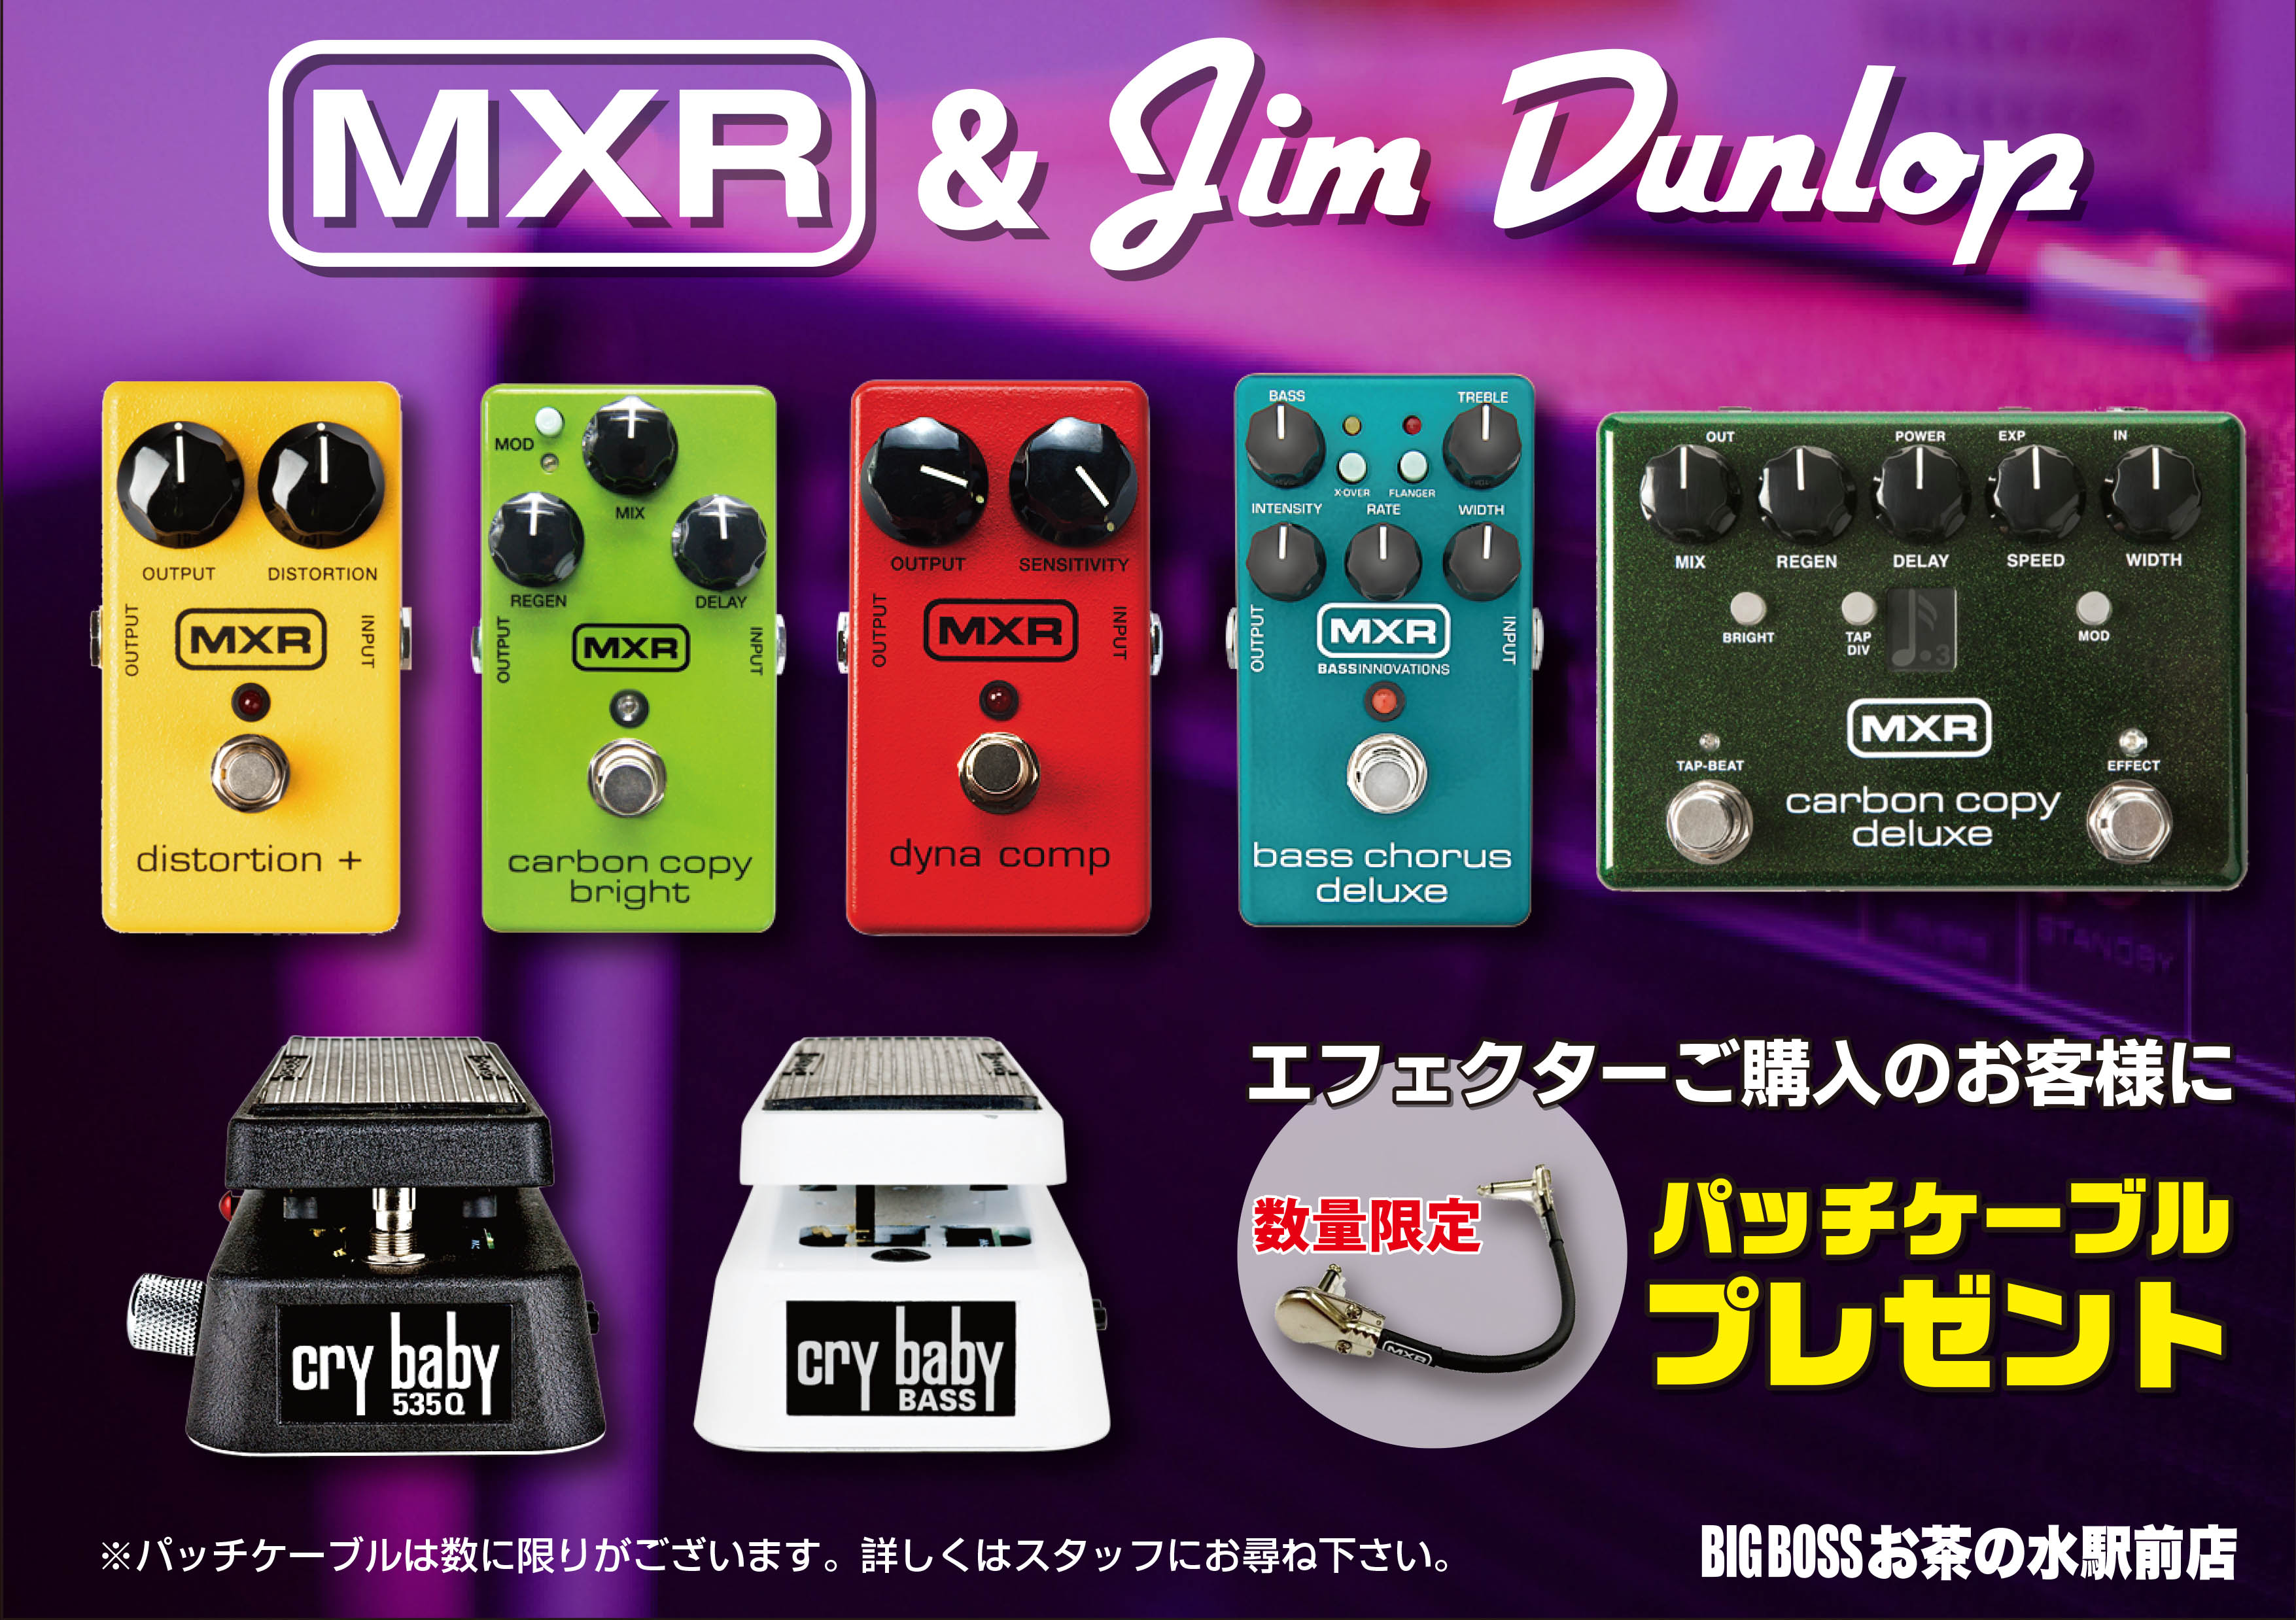 MXR & Dunlop キャンペーン